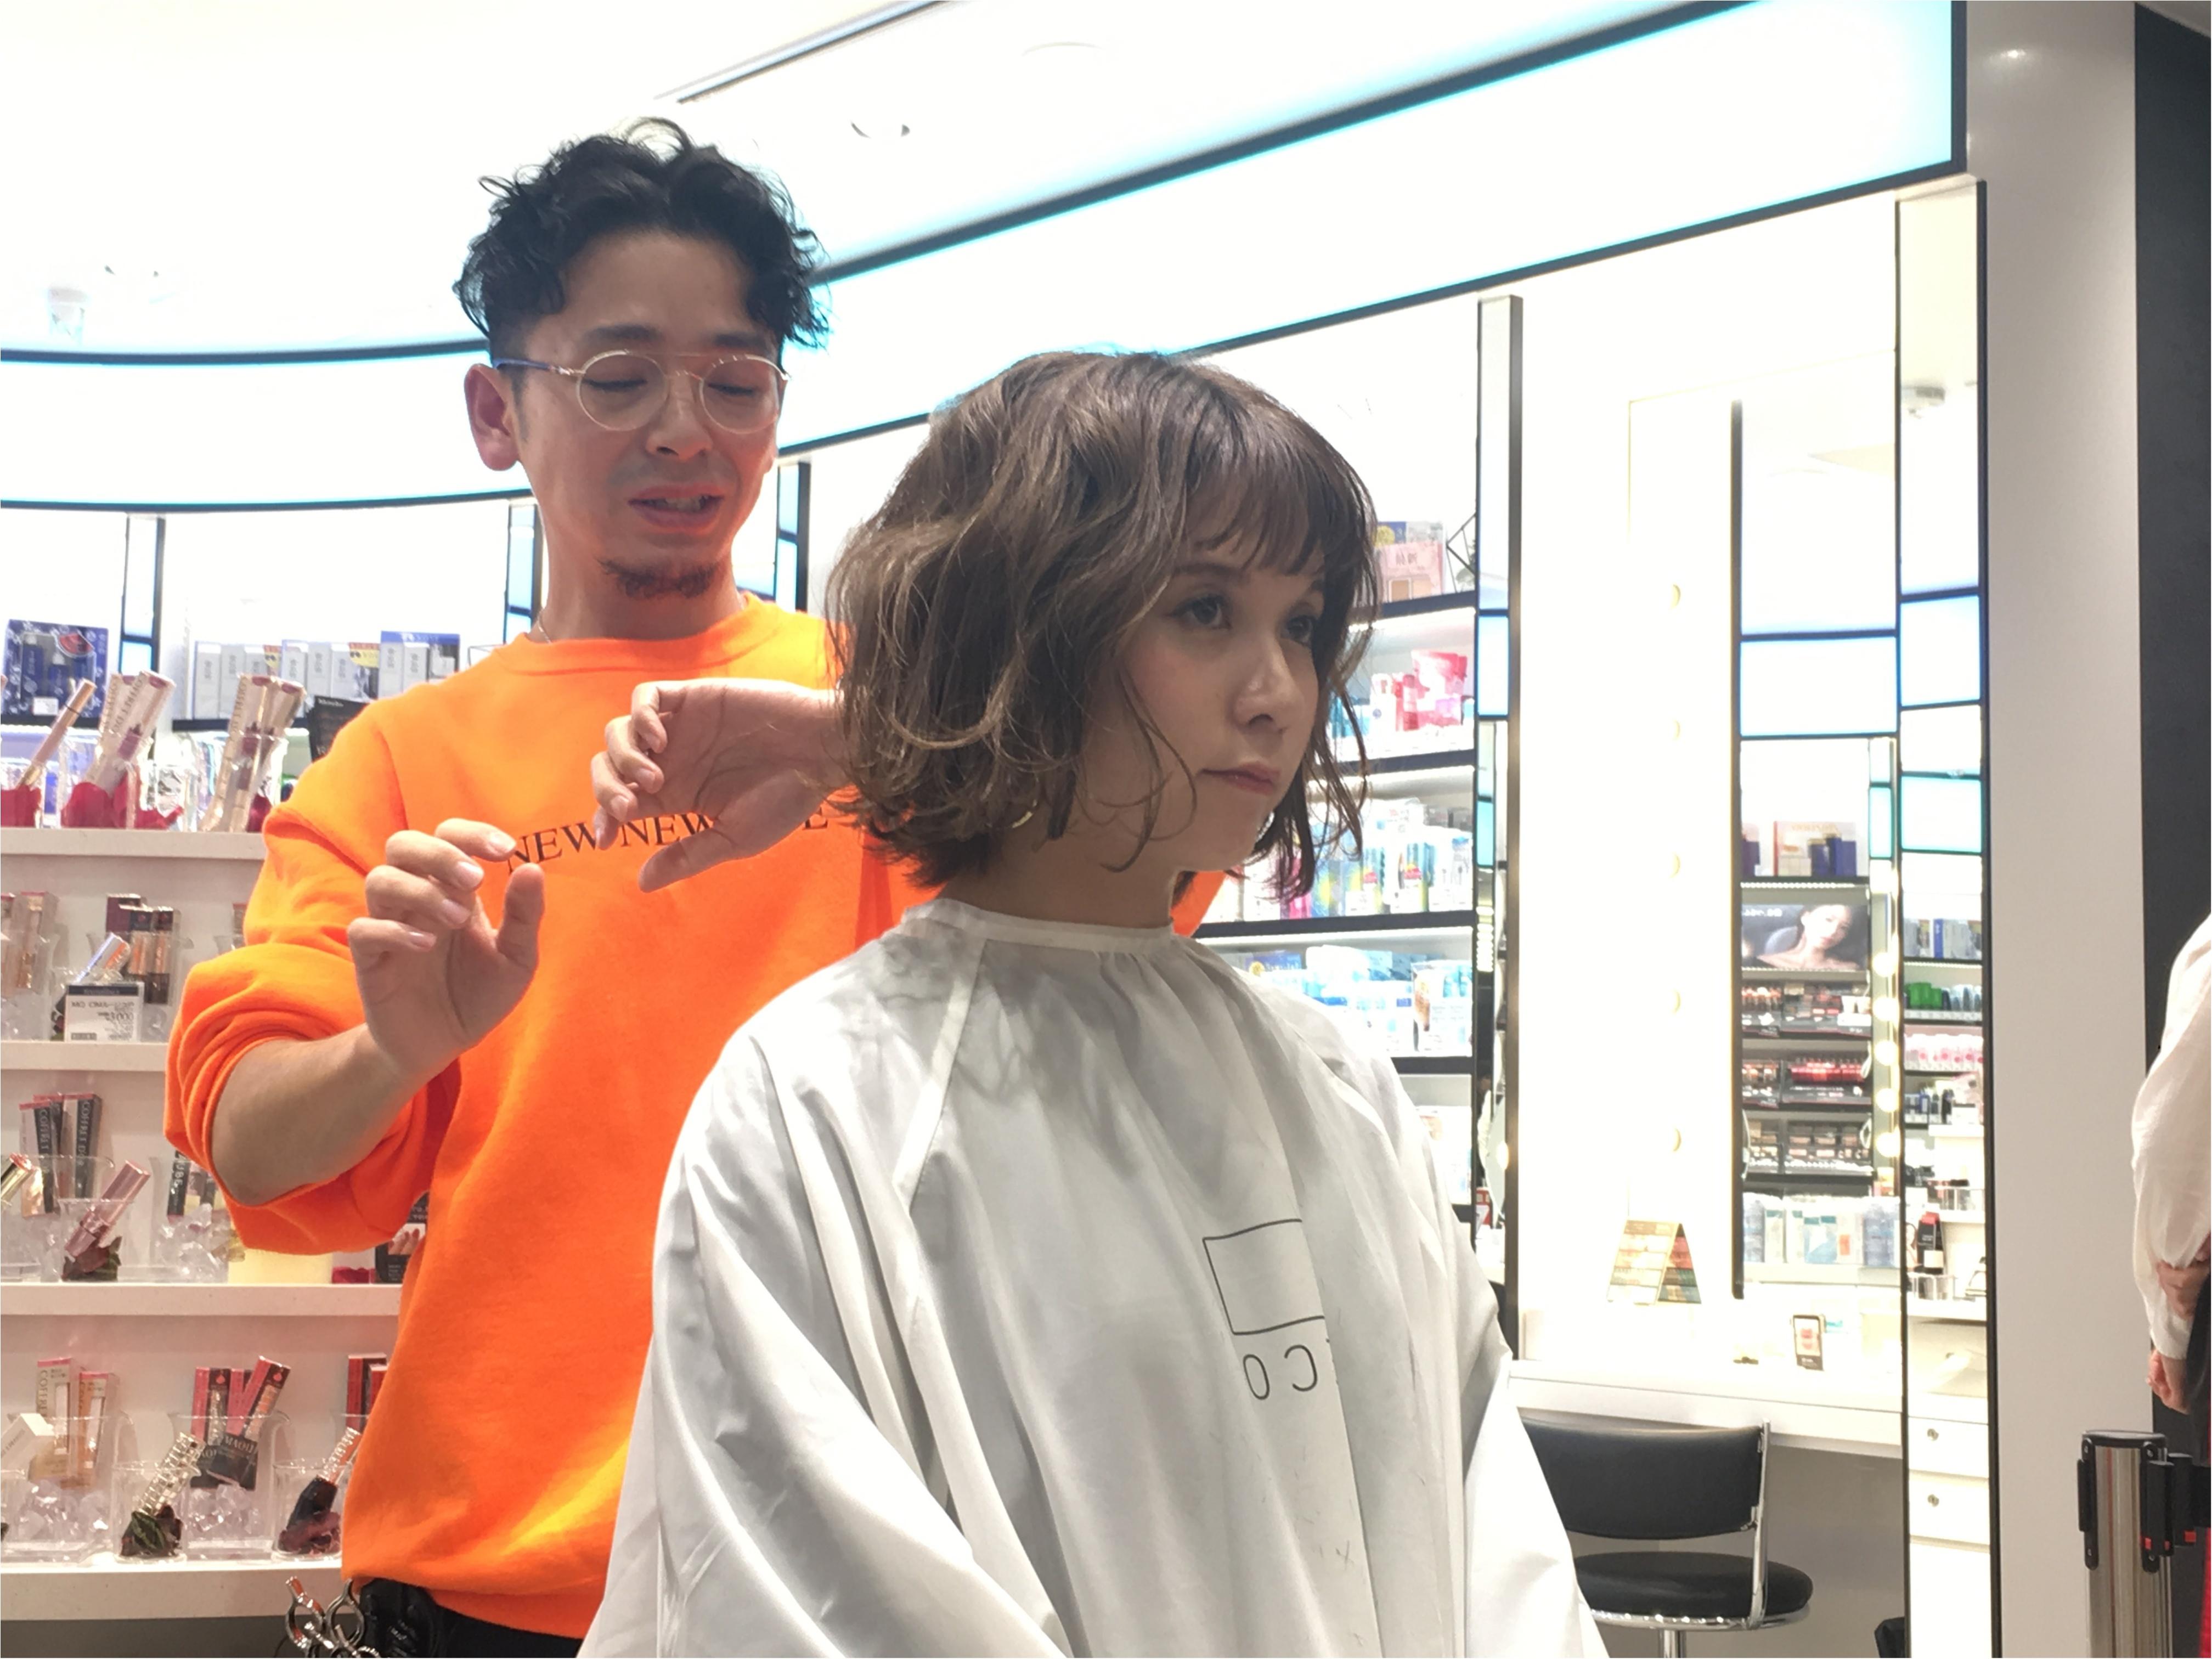 【銀座BeautyU】ヘアスタイリングセミナーでマンネリ解消!?_6